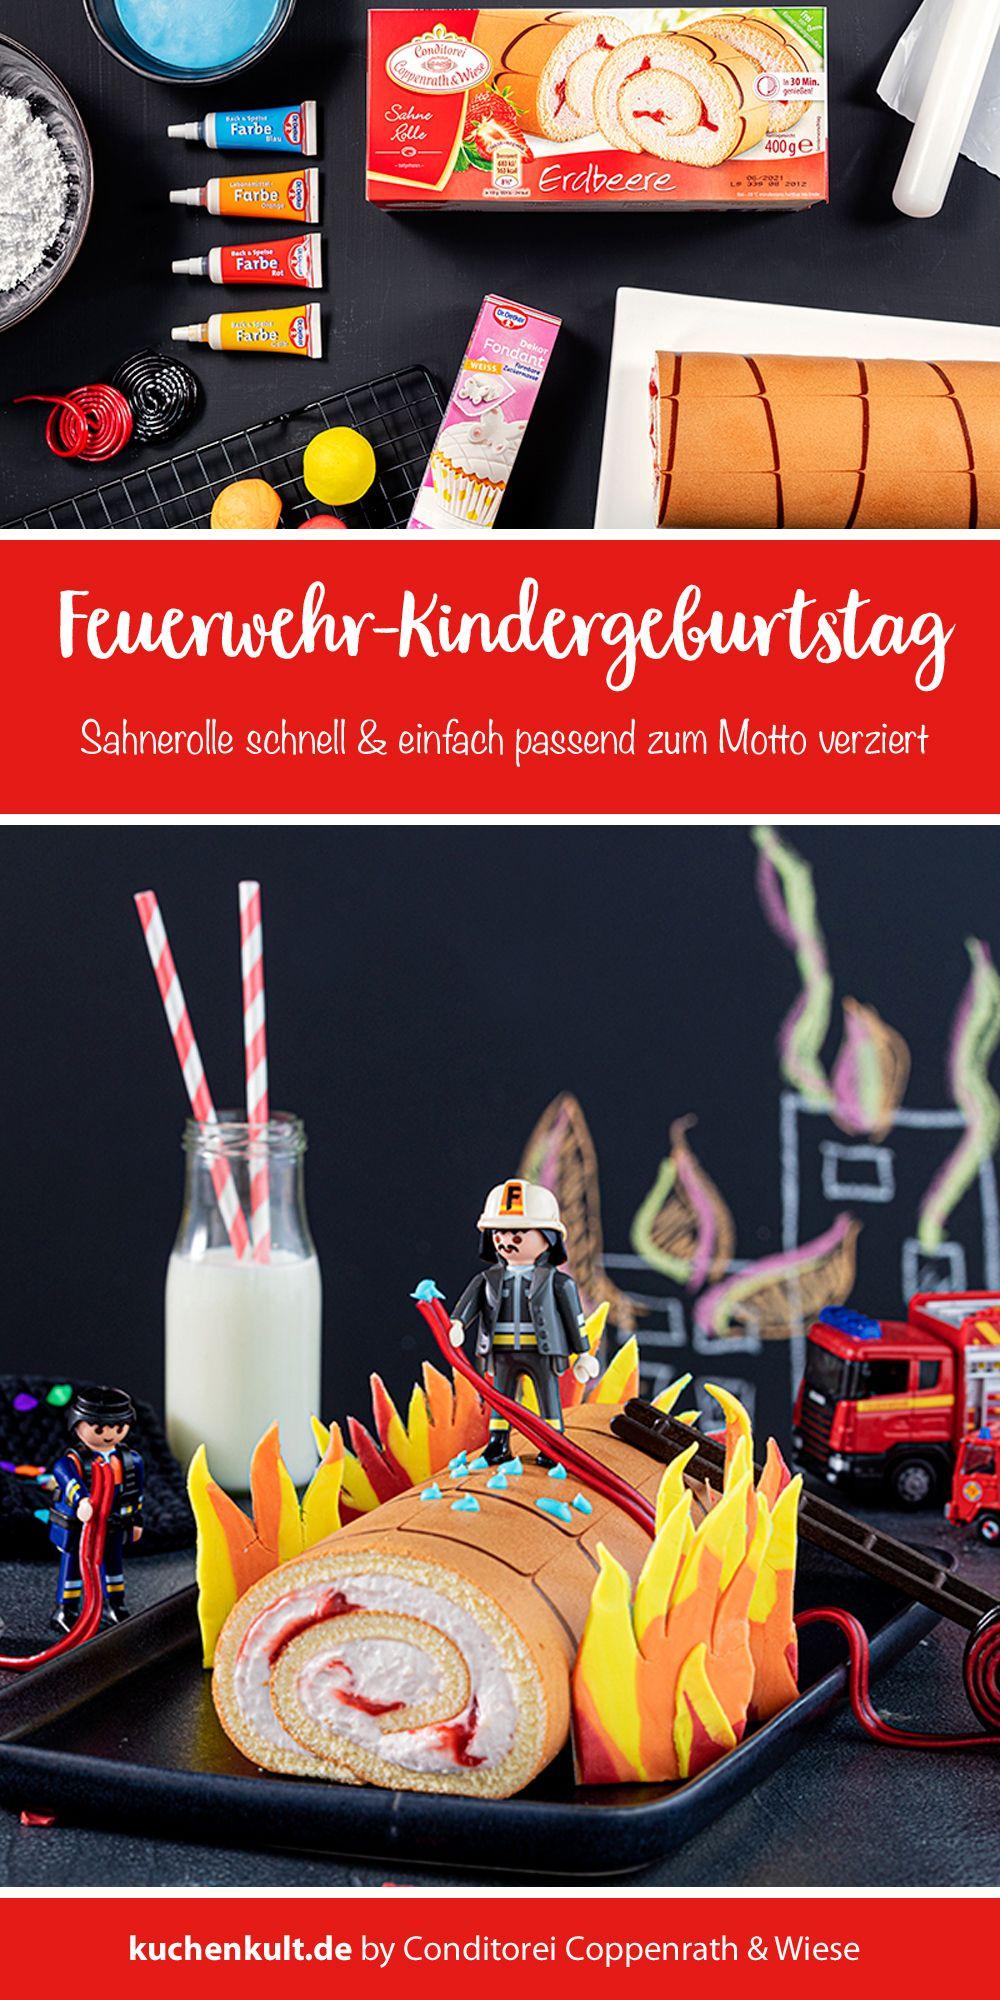 Feuerwehr Kuchen Zum Kindergeburtstag In 2020 Feuerwehr Kuchen Kindergeburtstag Kuchen Kindergeburtstag Kinder Kuchen Geburtstag